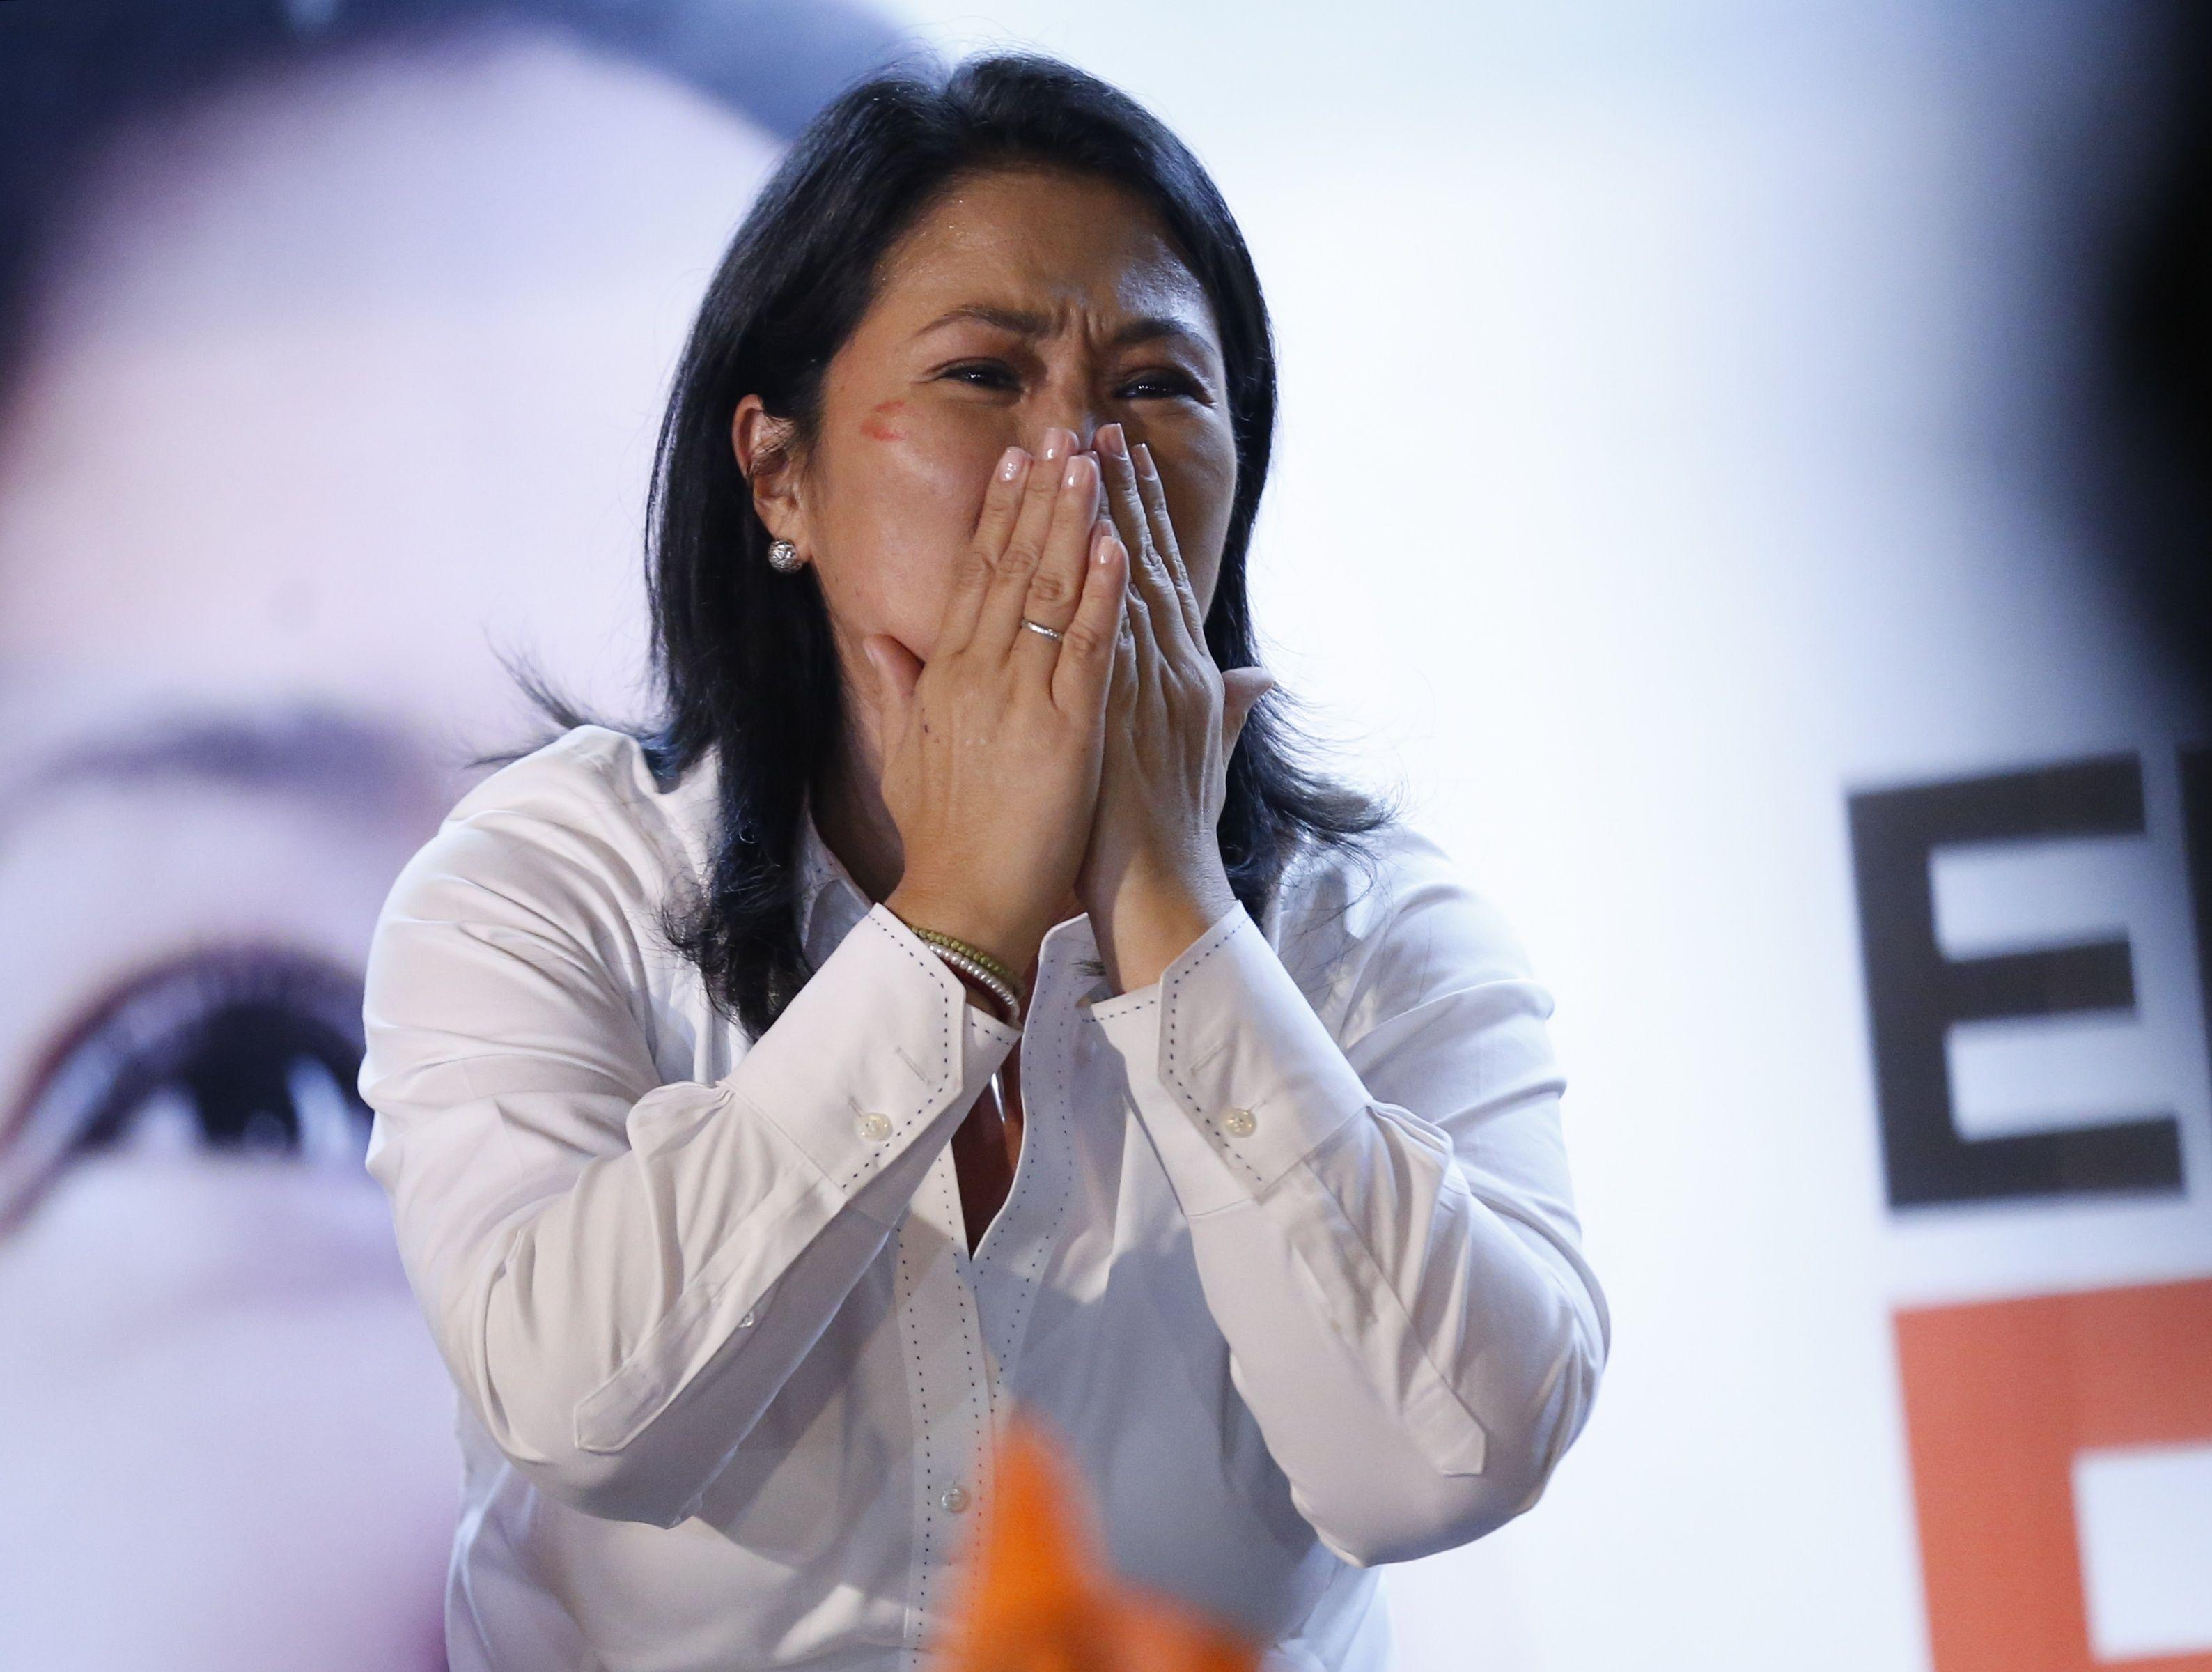 Keiko Fujimori meglepetésre elbukhatja a perui elnökválasztást